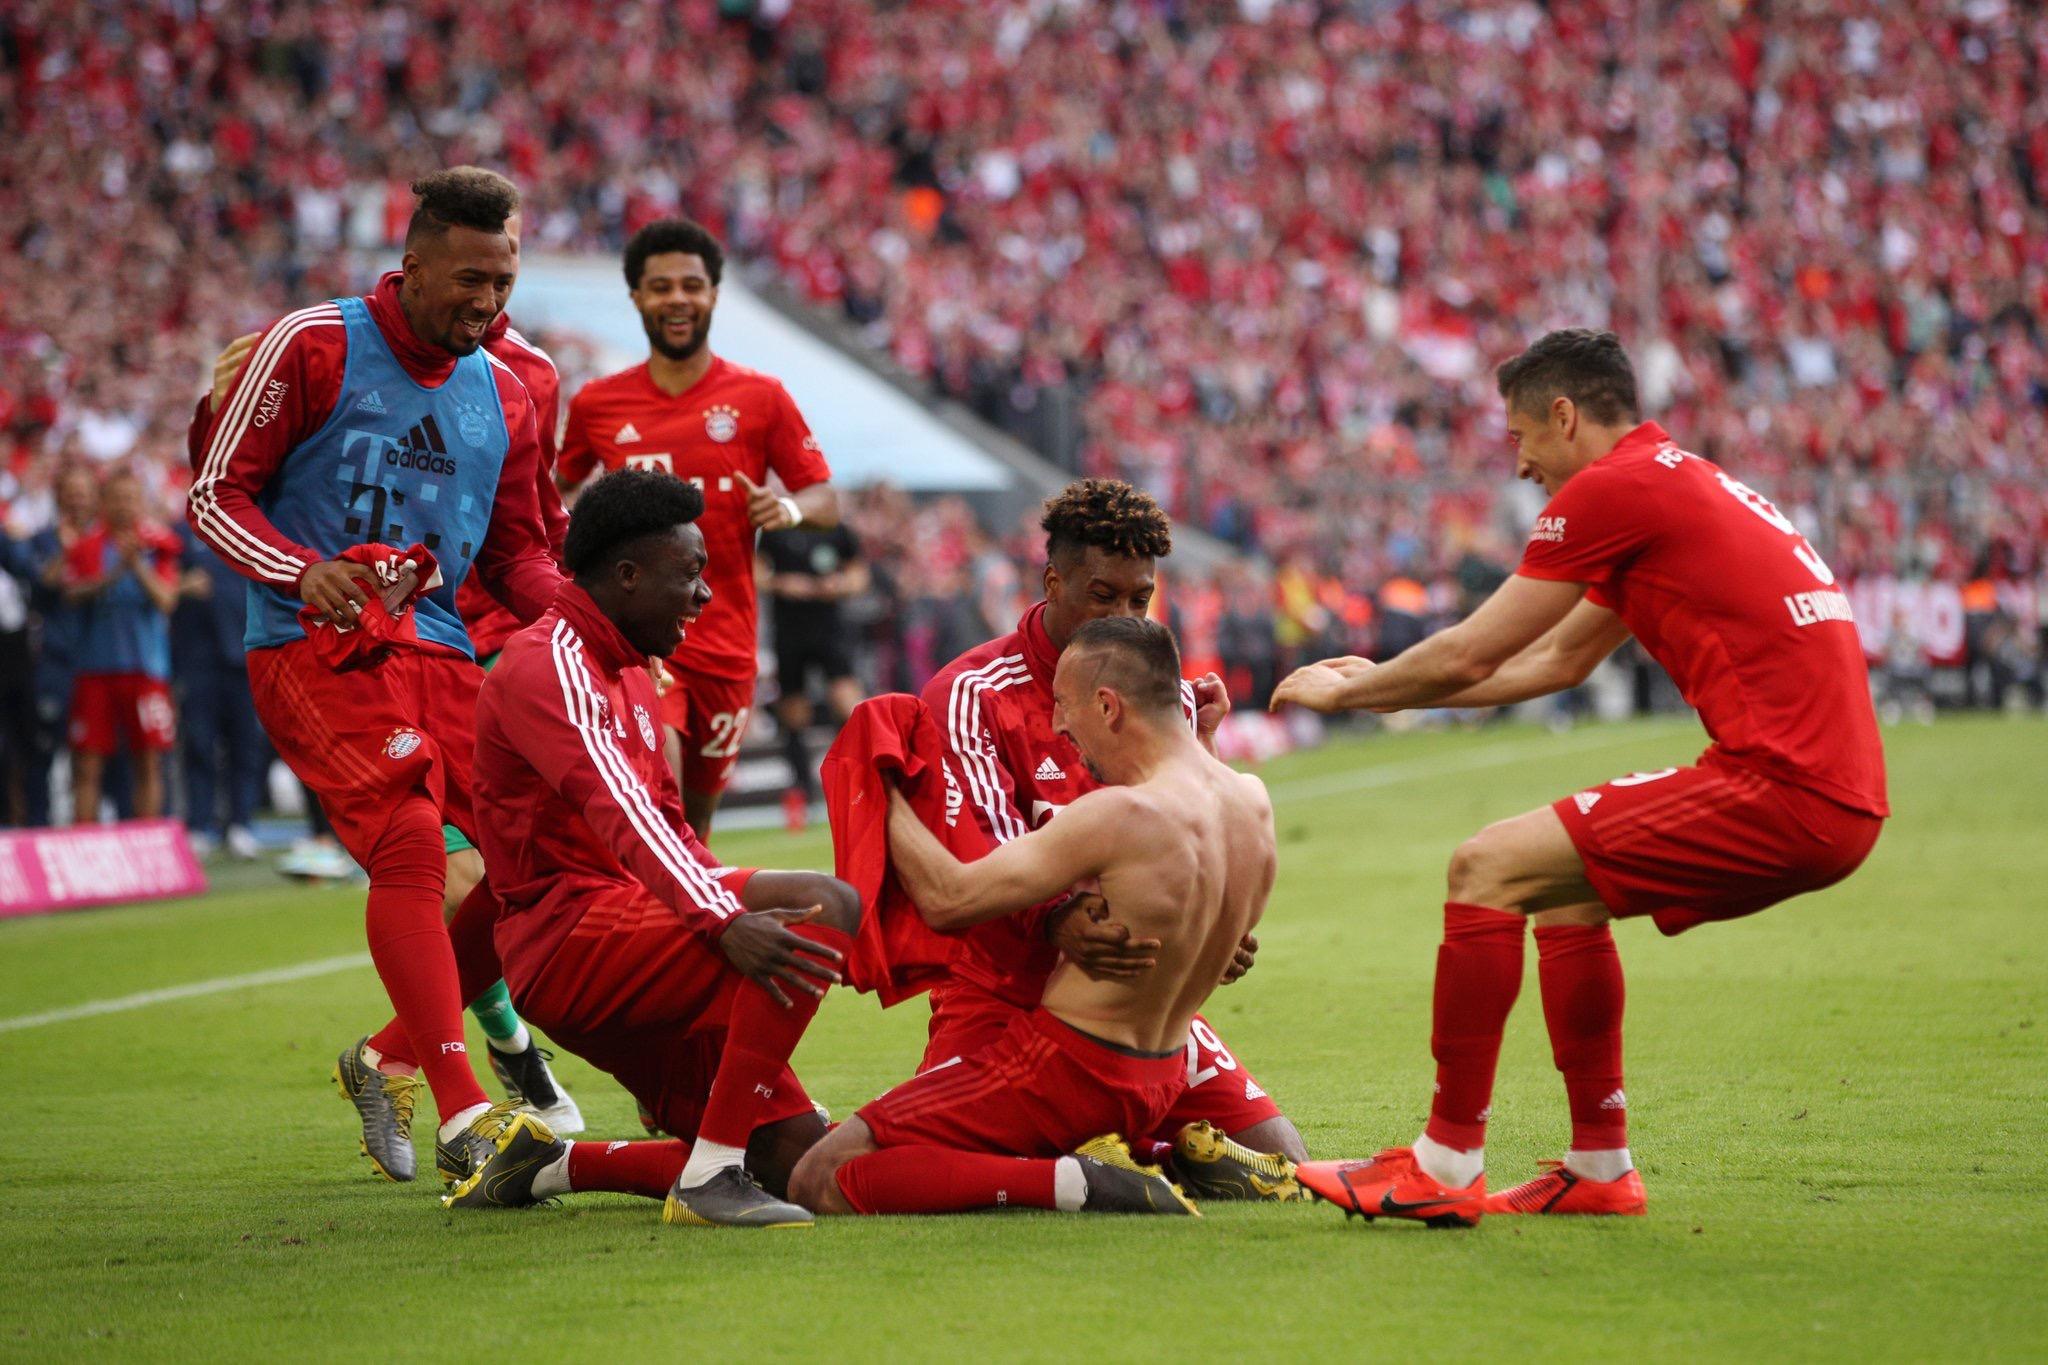 بايرن ميونيخ ينهي الصراع مع دورتموند ويحرز لقب الدوري الألماني للمرة 29 في تاريخه